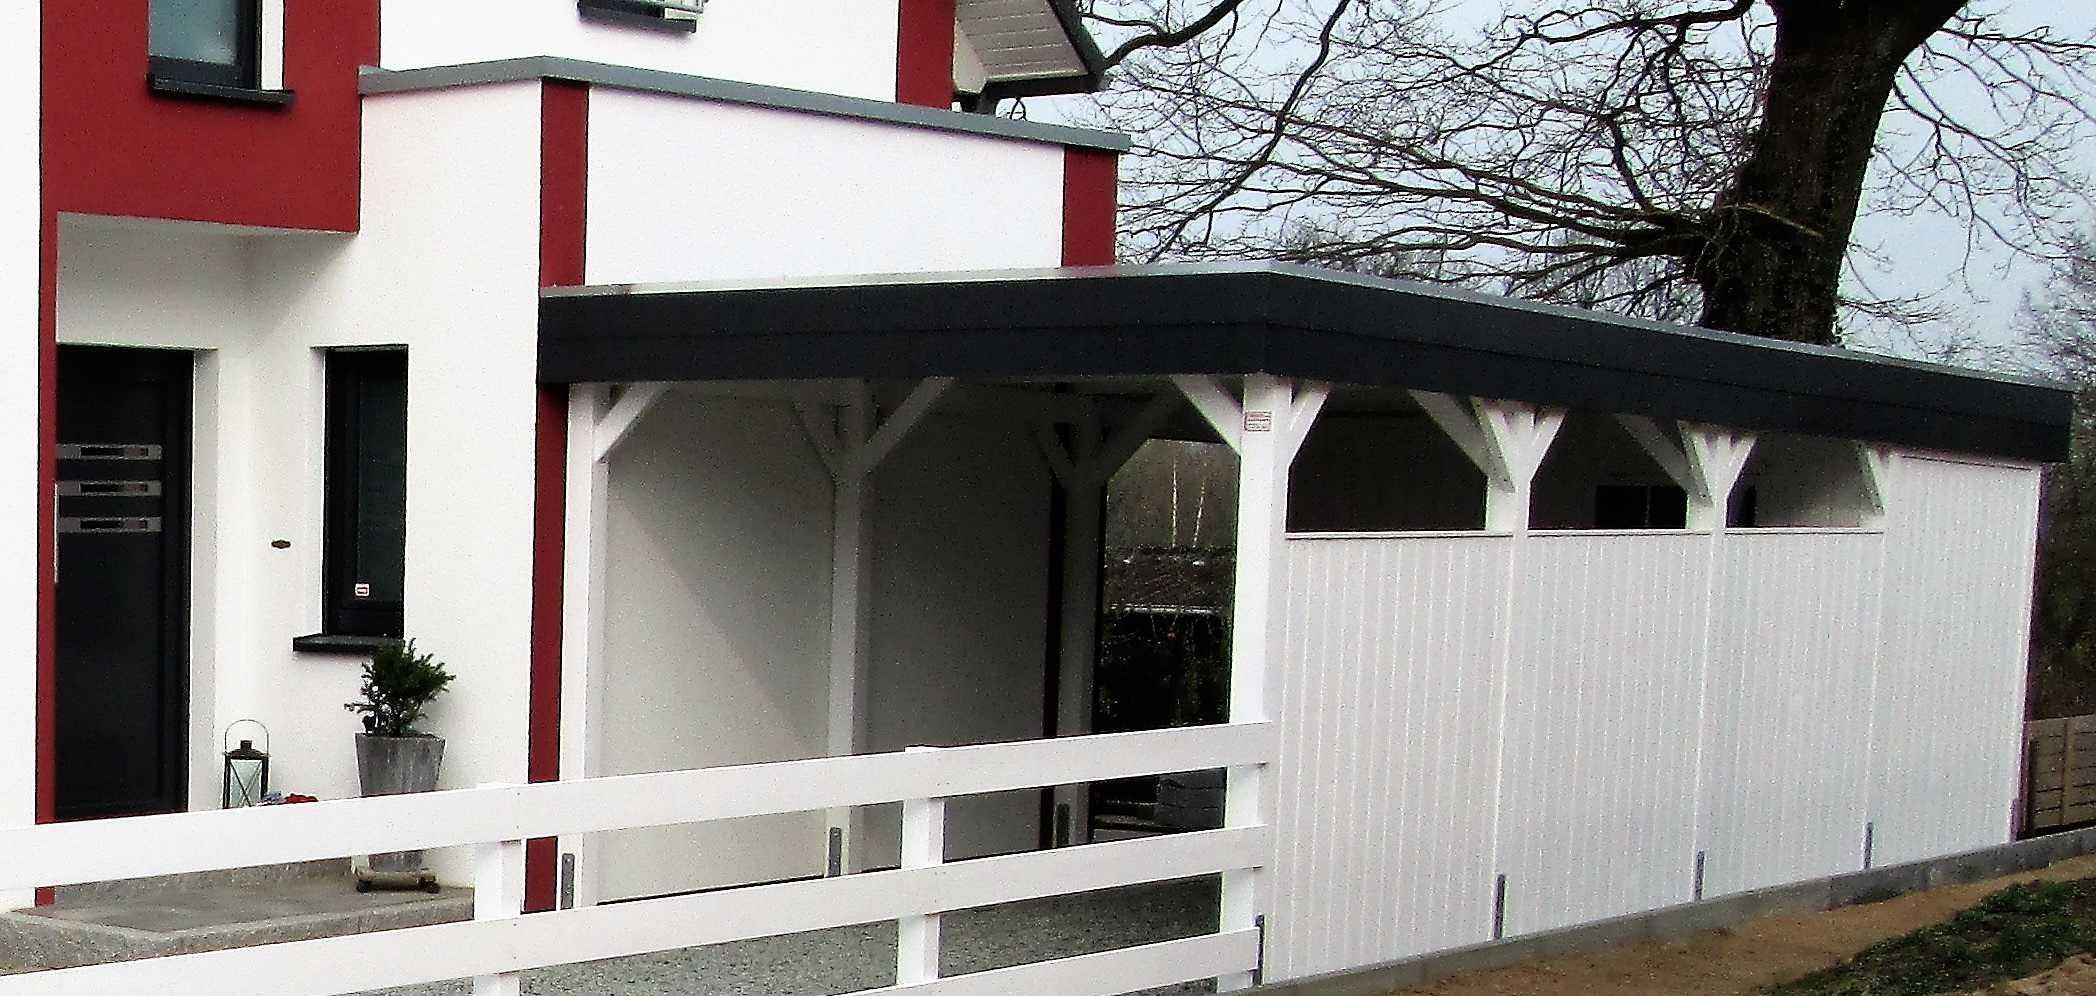 Carport Einzelstellplatz Schieferblende weiß gestrichen Ahrensburg